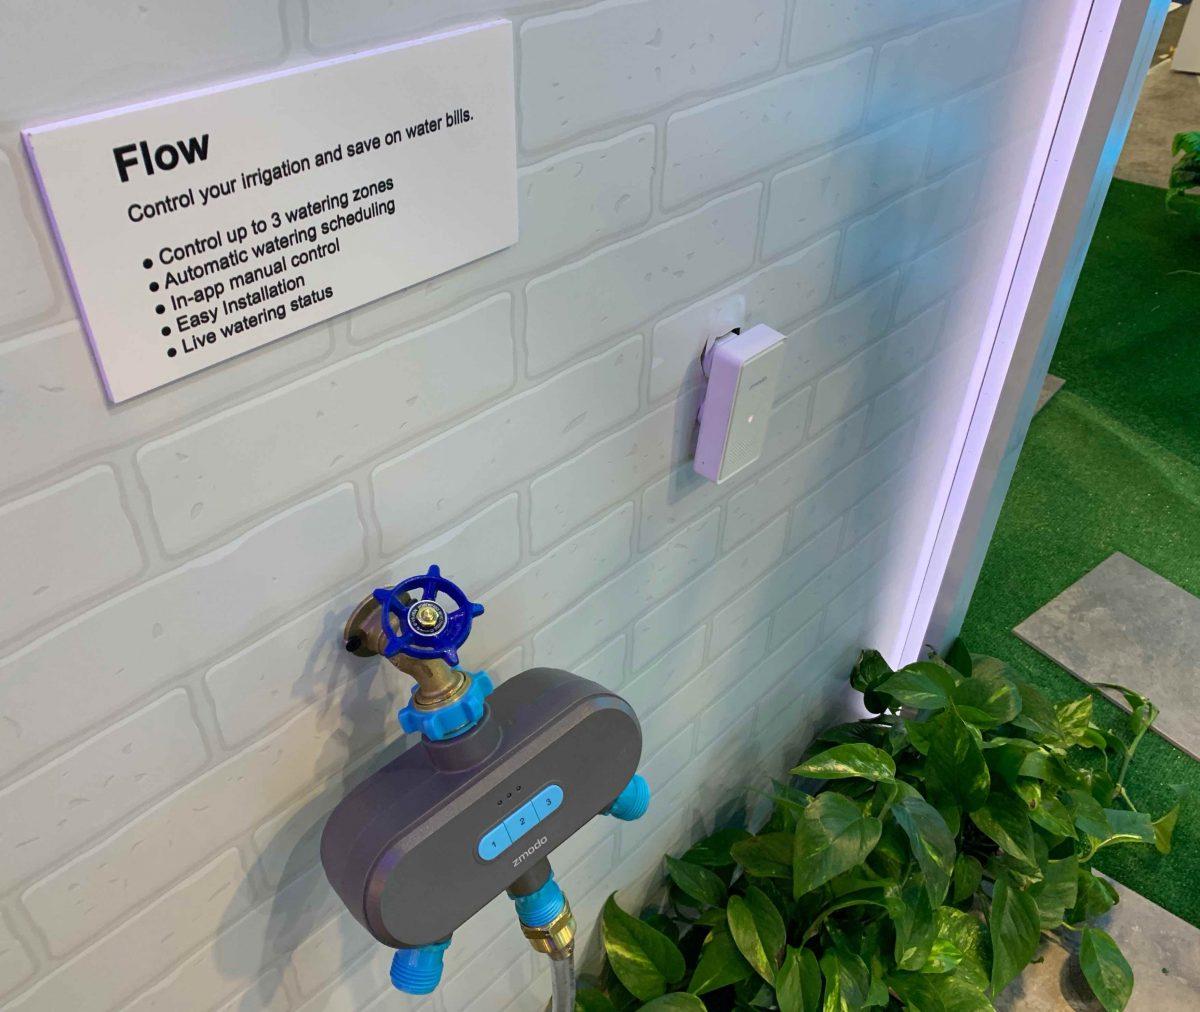 ZModo Smart Sprinkler Controller